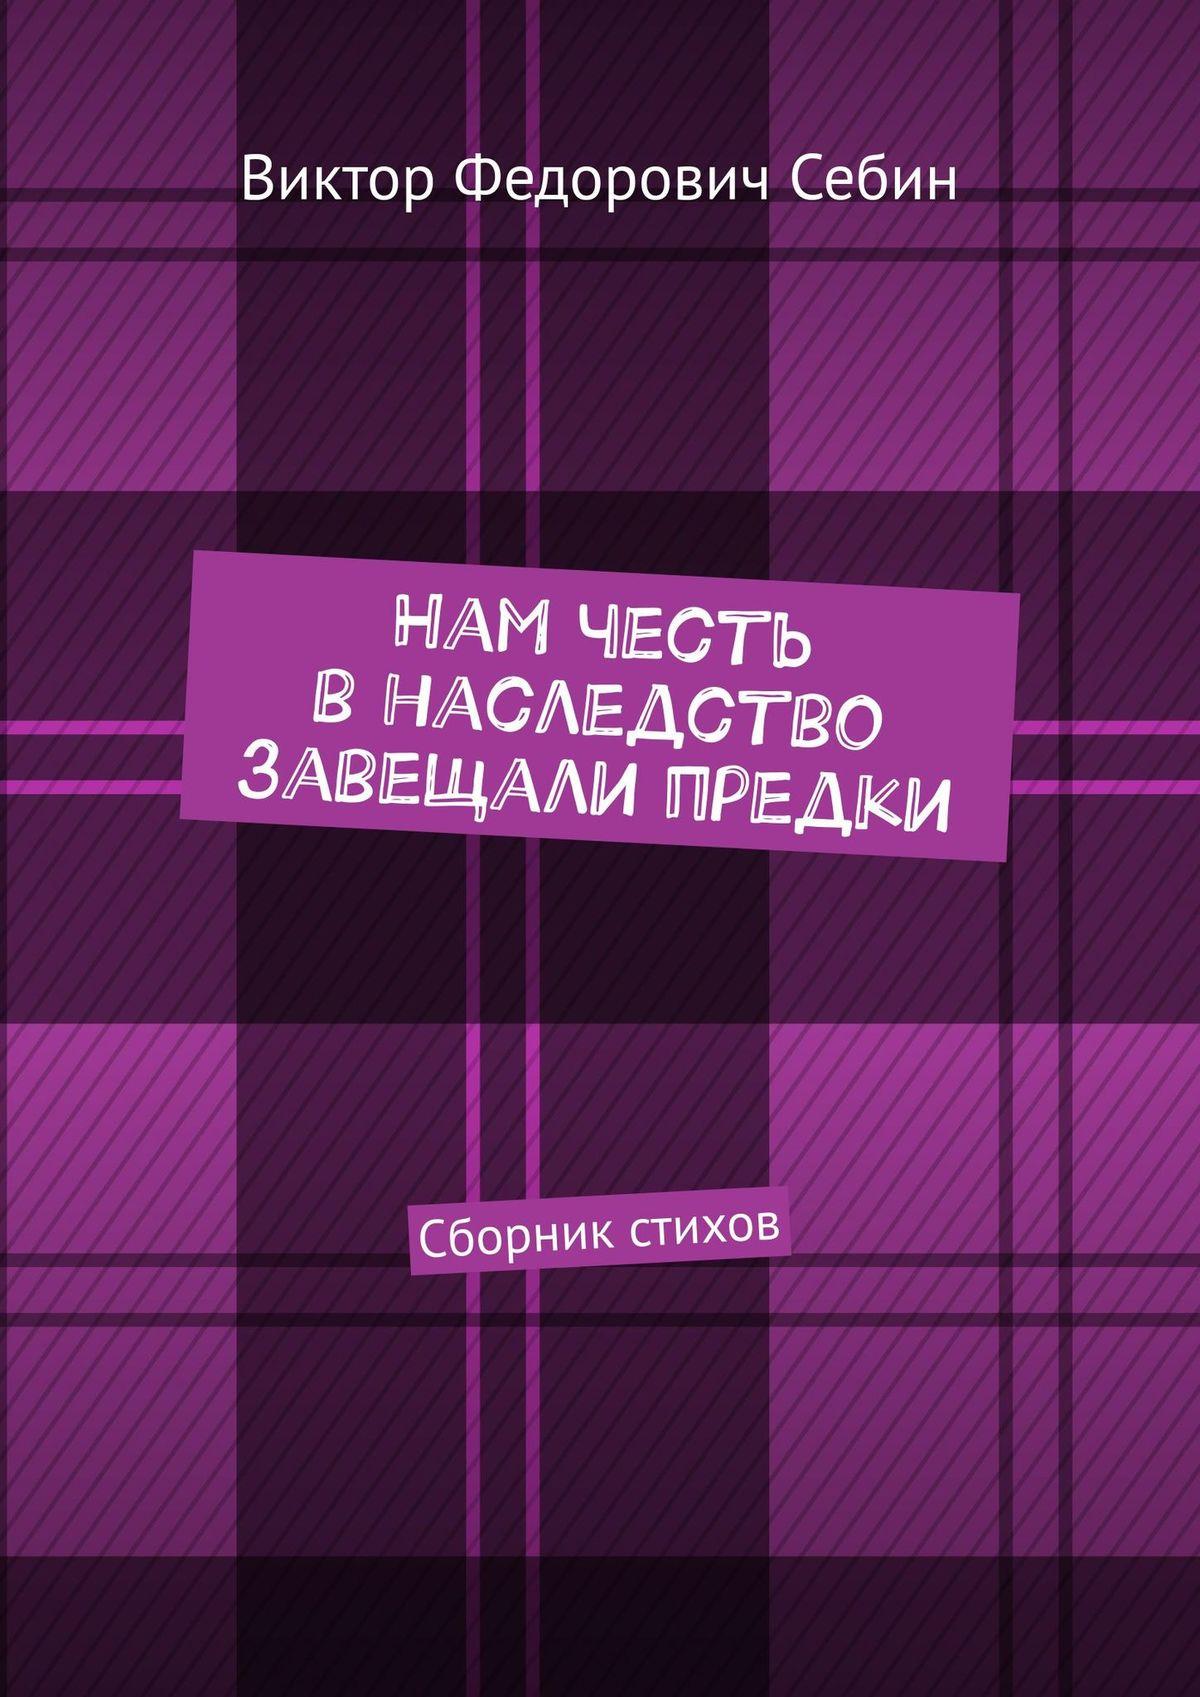 Виктор Федорович Себин Нам честь внаследство завещали предки. Сборник стихов сборник чайнвордов для всей семьи